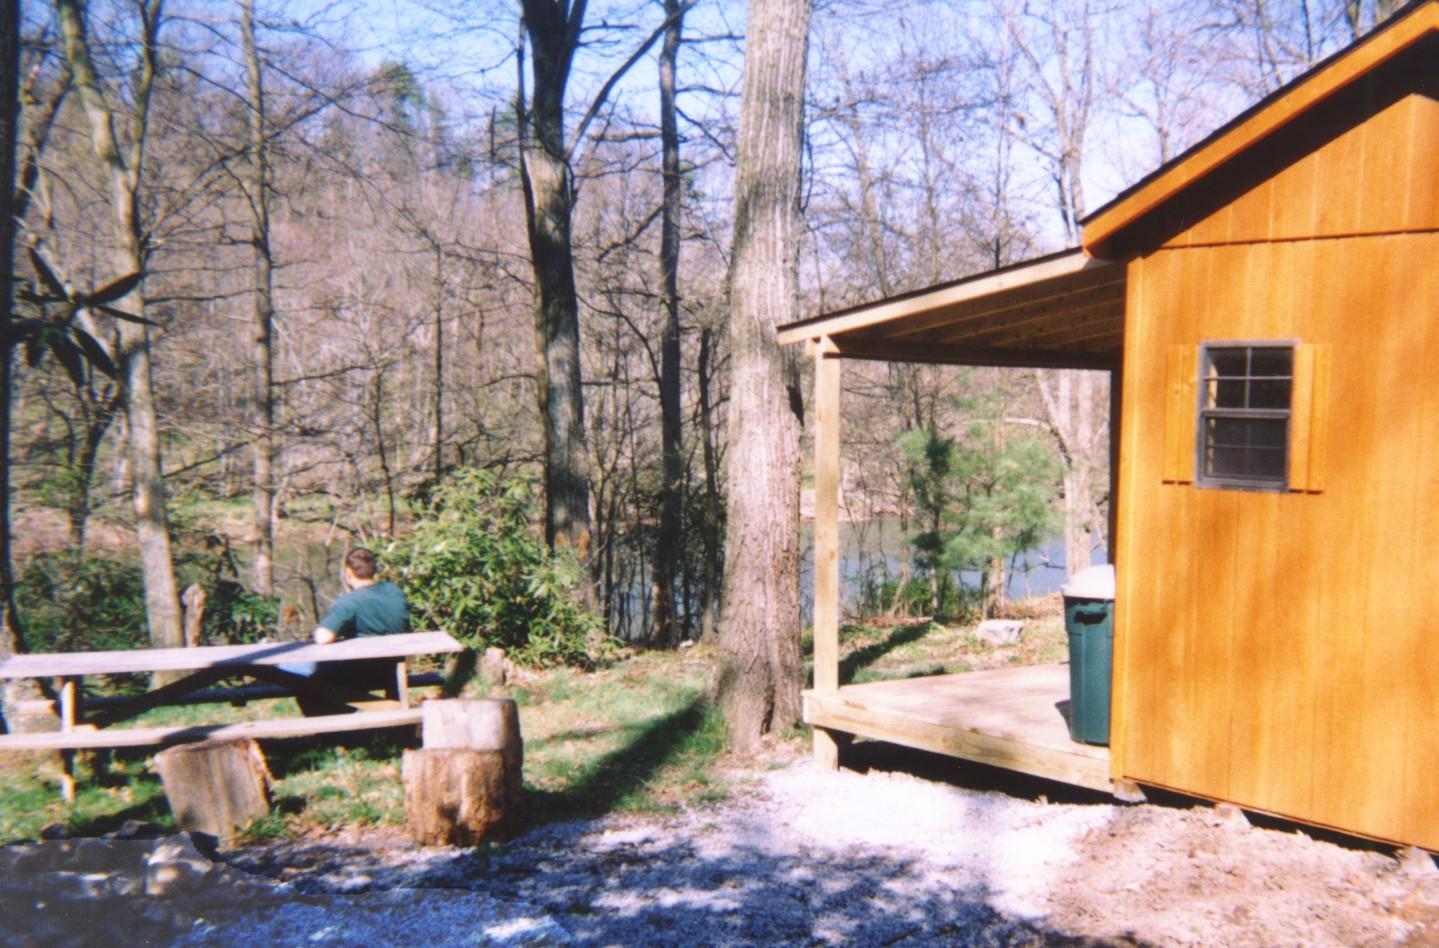 Woy Bridge Campground & Cabins